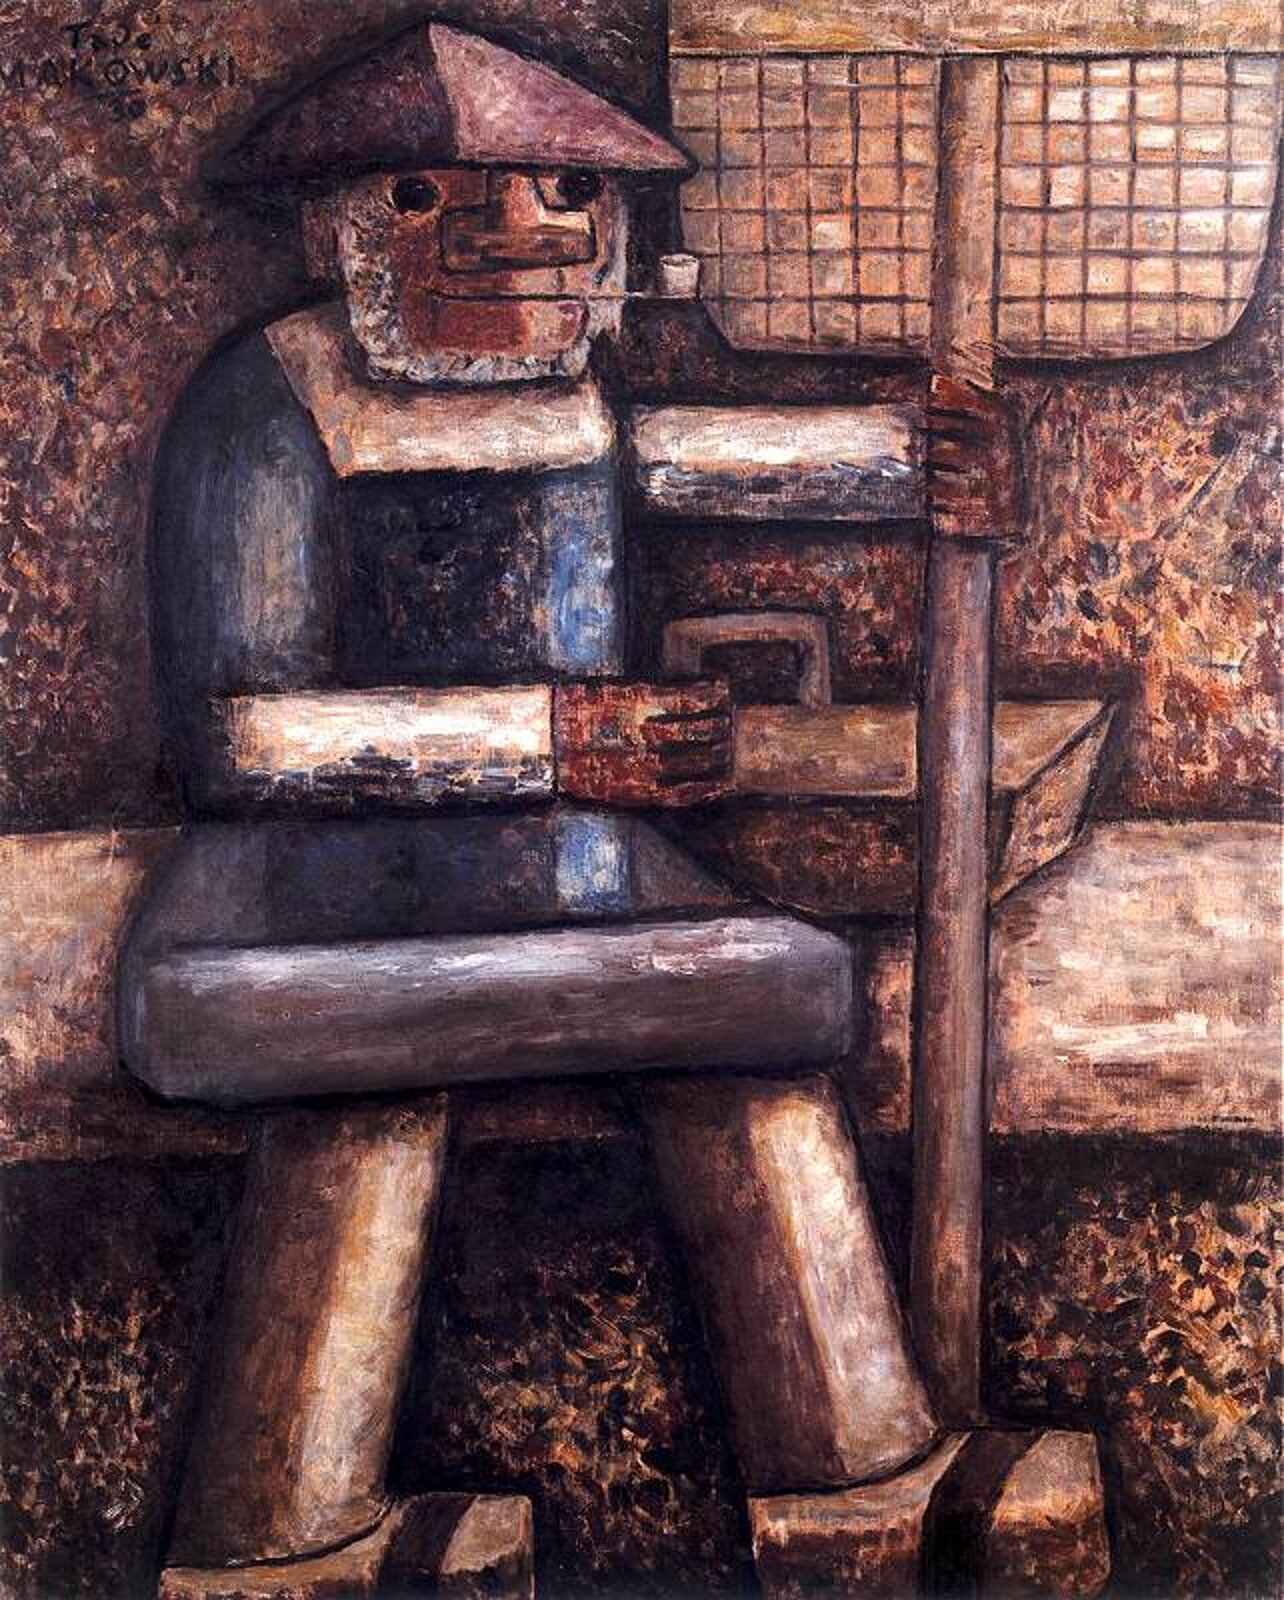 """Ilustracja przedstawia obraz pt. """"Rybak"""" autorstwa Tadeusza Makowskiego. Dzieło ukazuje mężczyznę wkapeluszu na głowie ifajką wustach. Wręku trzyma siatkę wędkarską."""